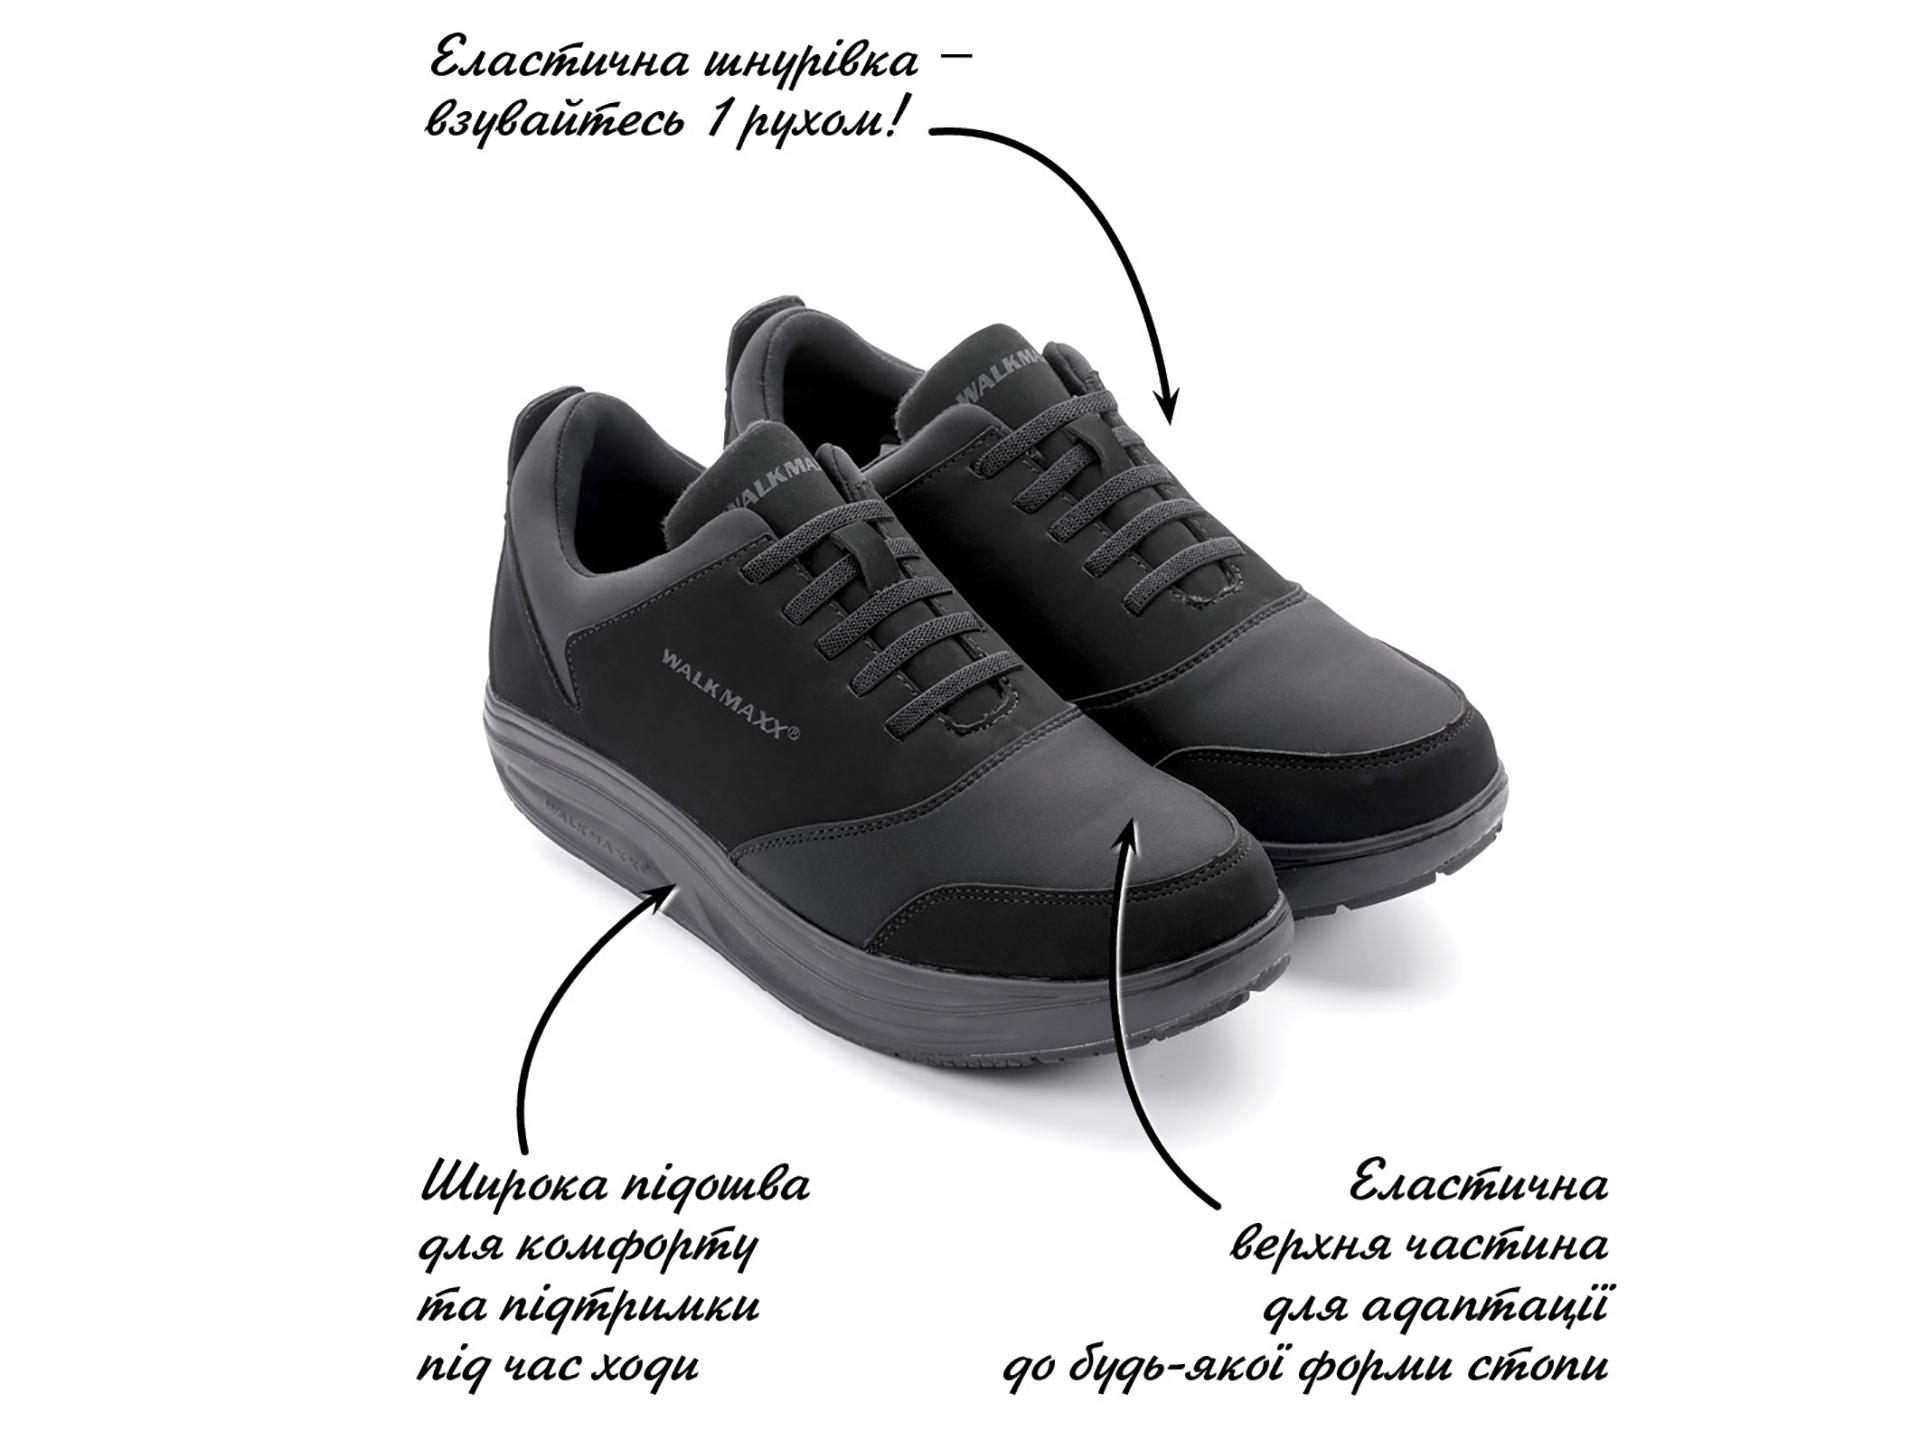 cf40839e255773 Кросівки Black Fit 3.0